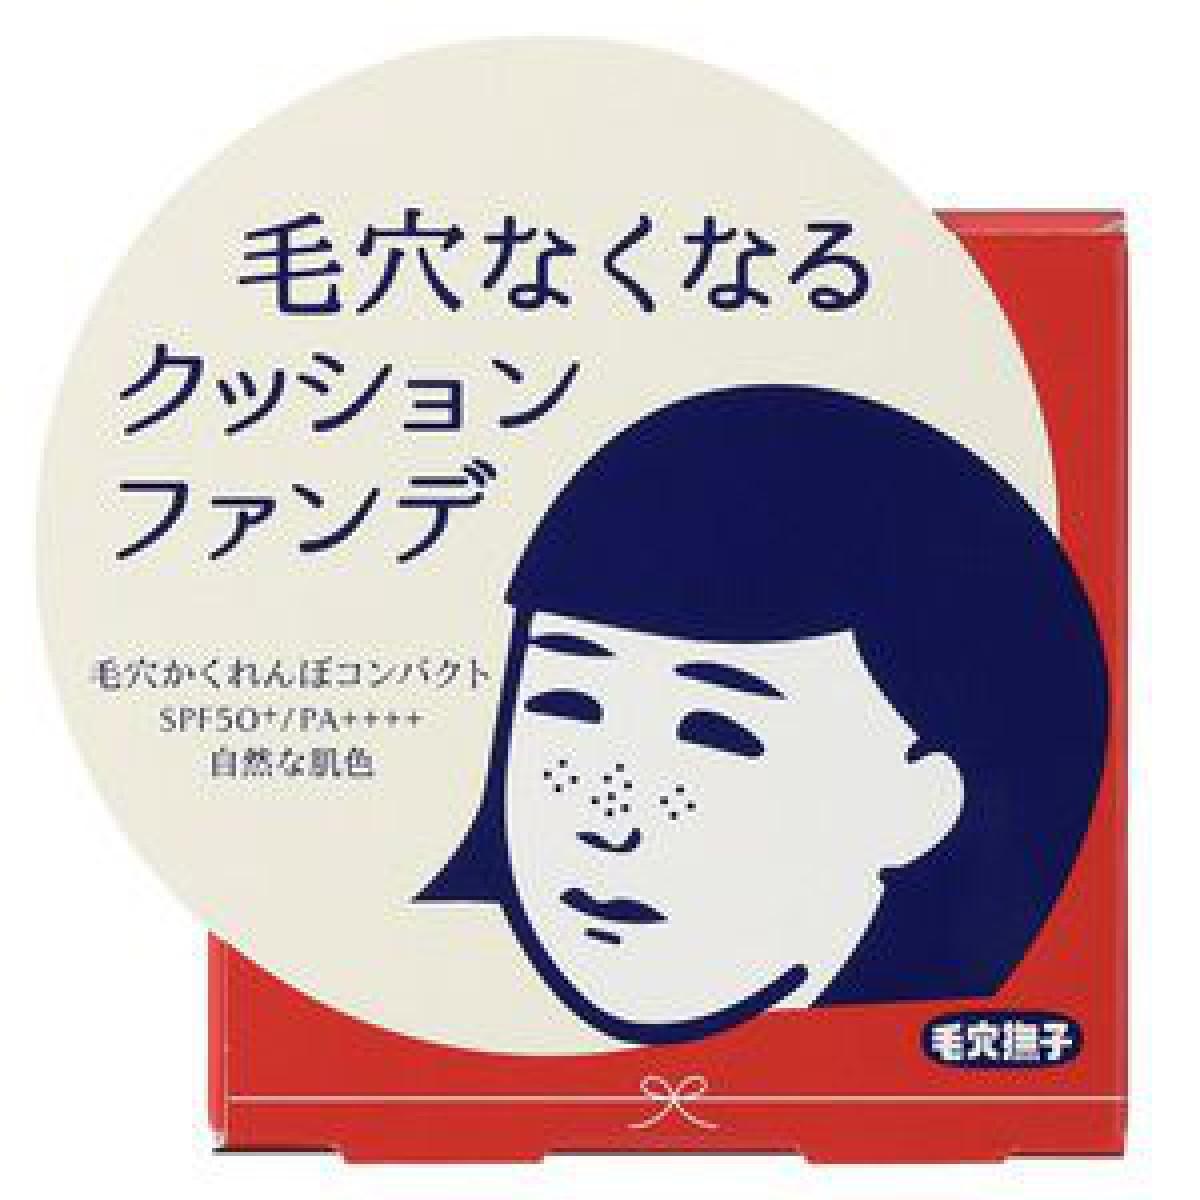 お米のマスクで人気、「毛穴撫子」から初のメイクシリーズが登場